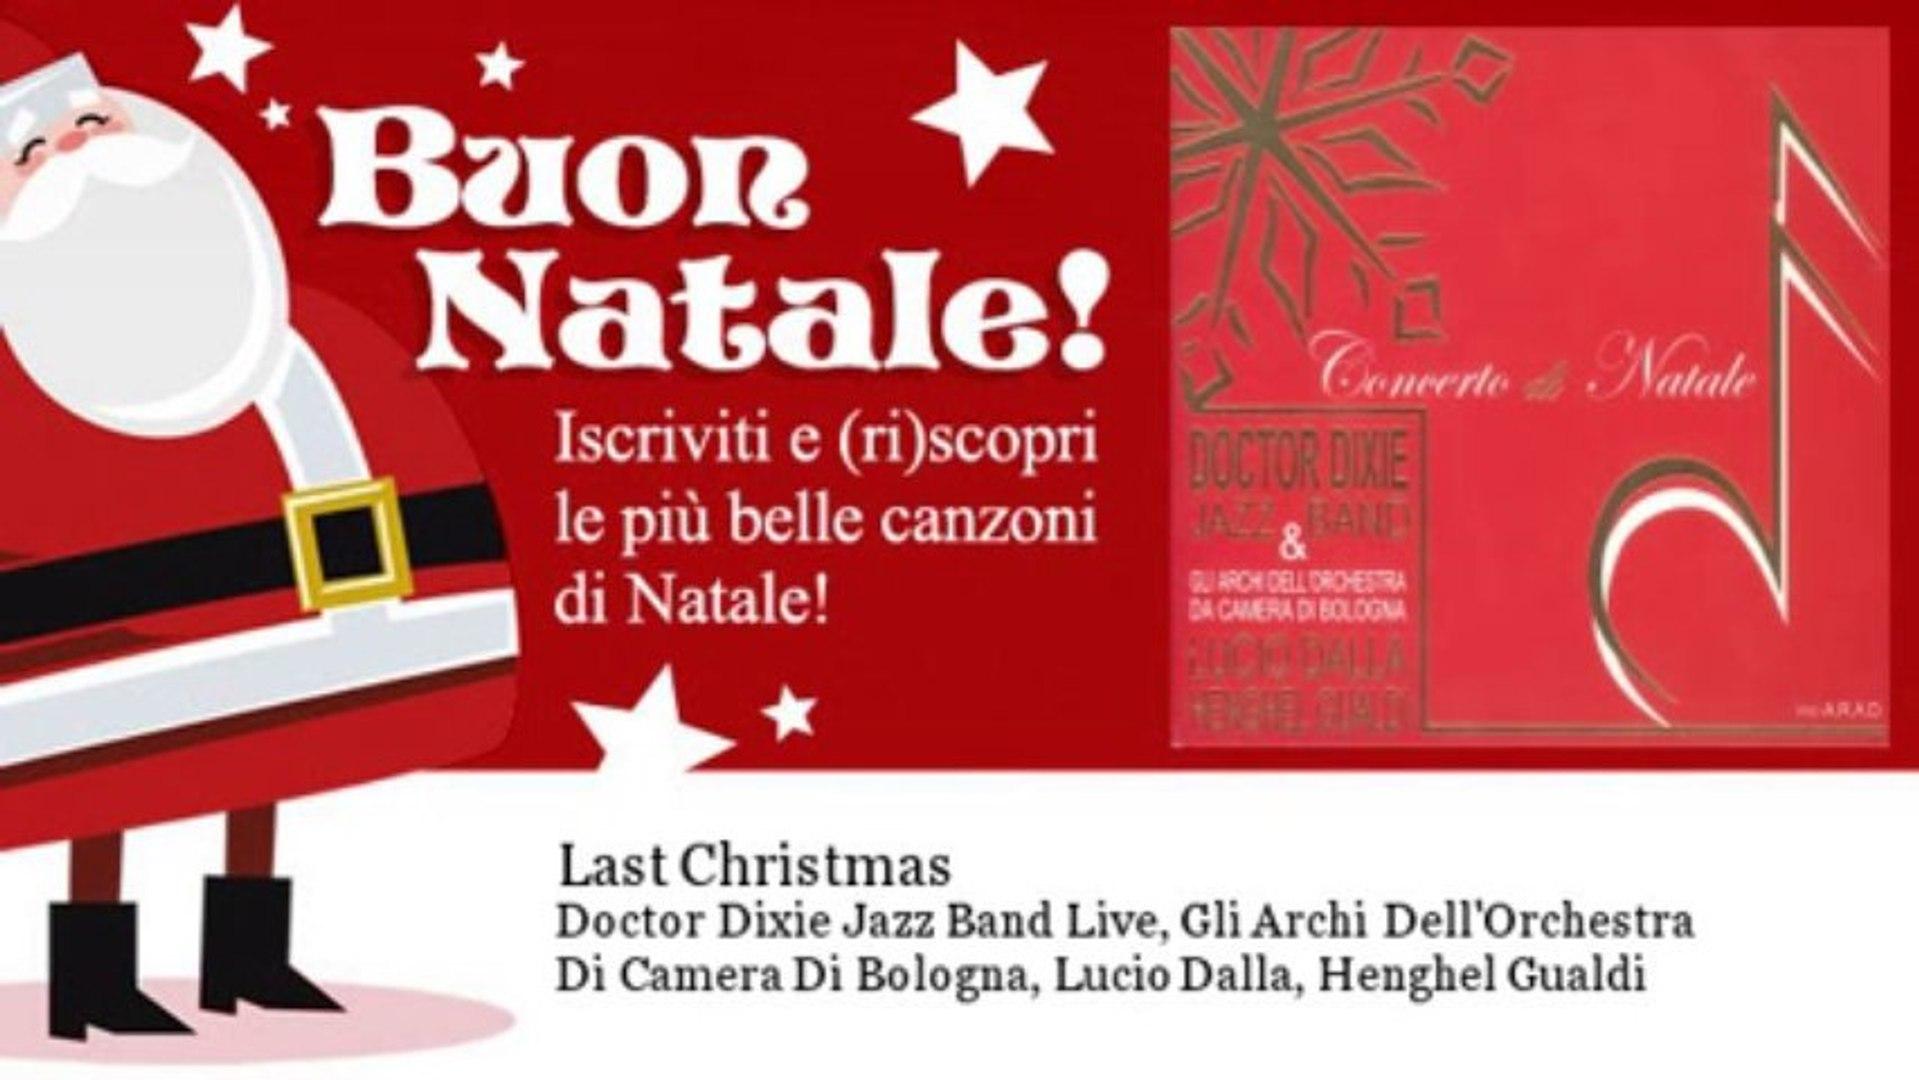 Doctor Dixie Jazz Band Live, Gli Archi Dell'Orchestra Di Camera Di Bologna, Lucio D - Last Chri